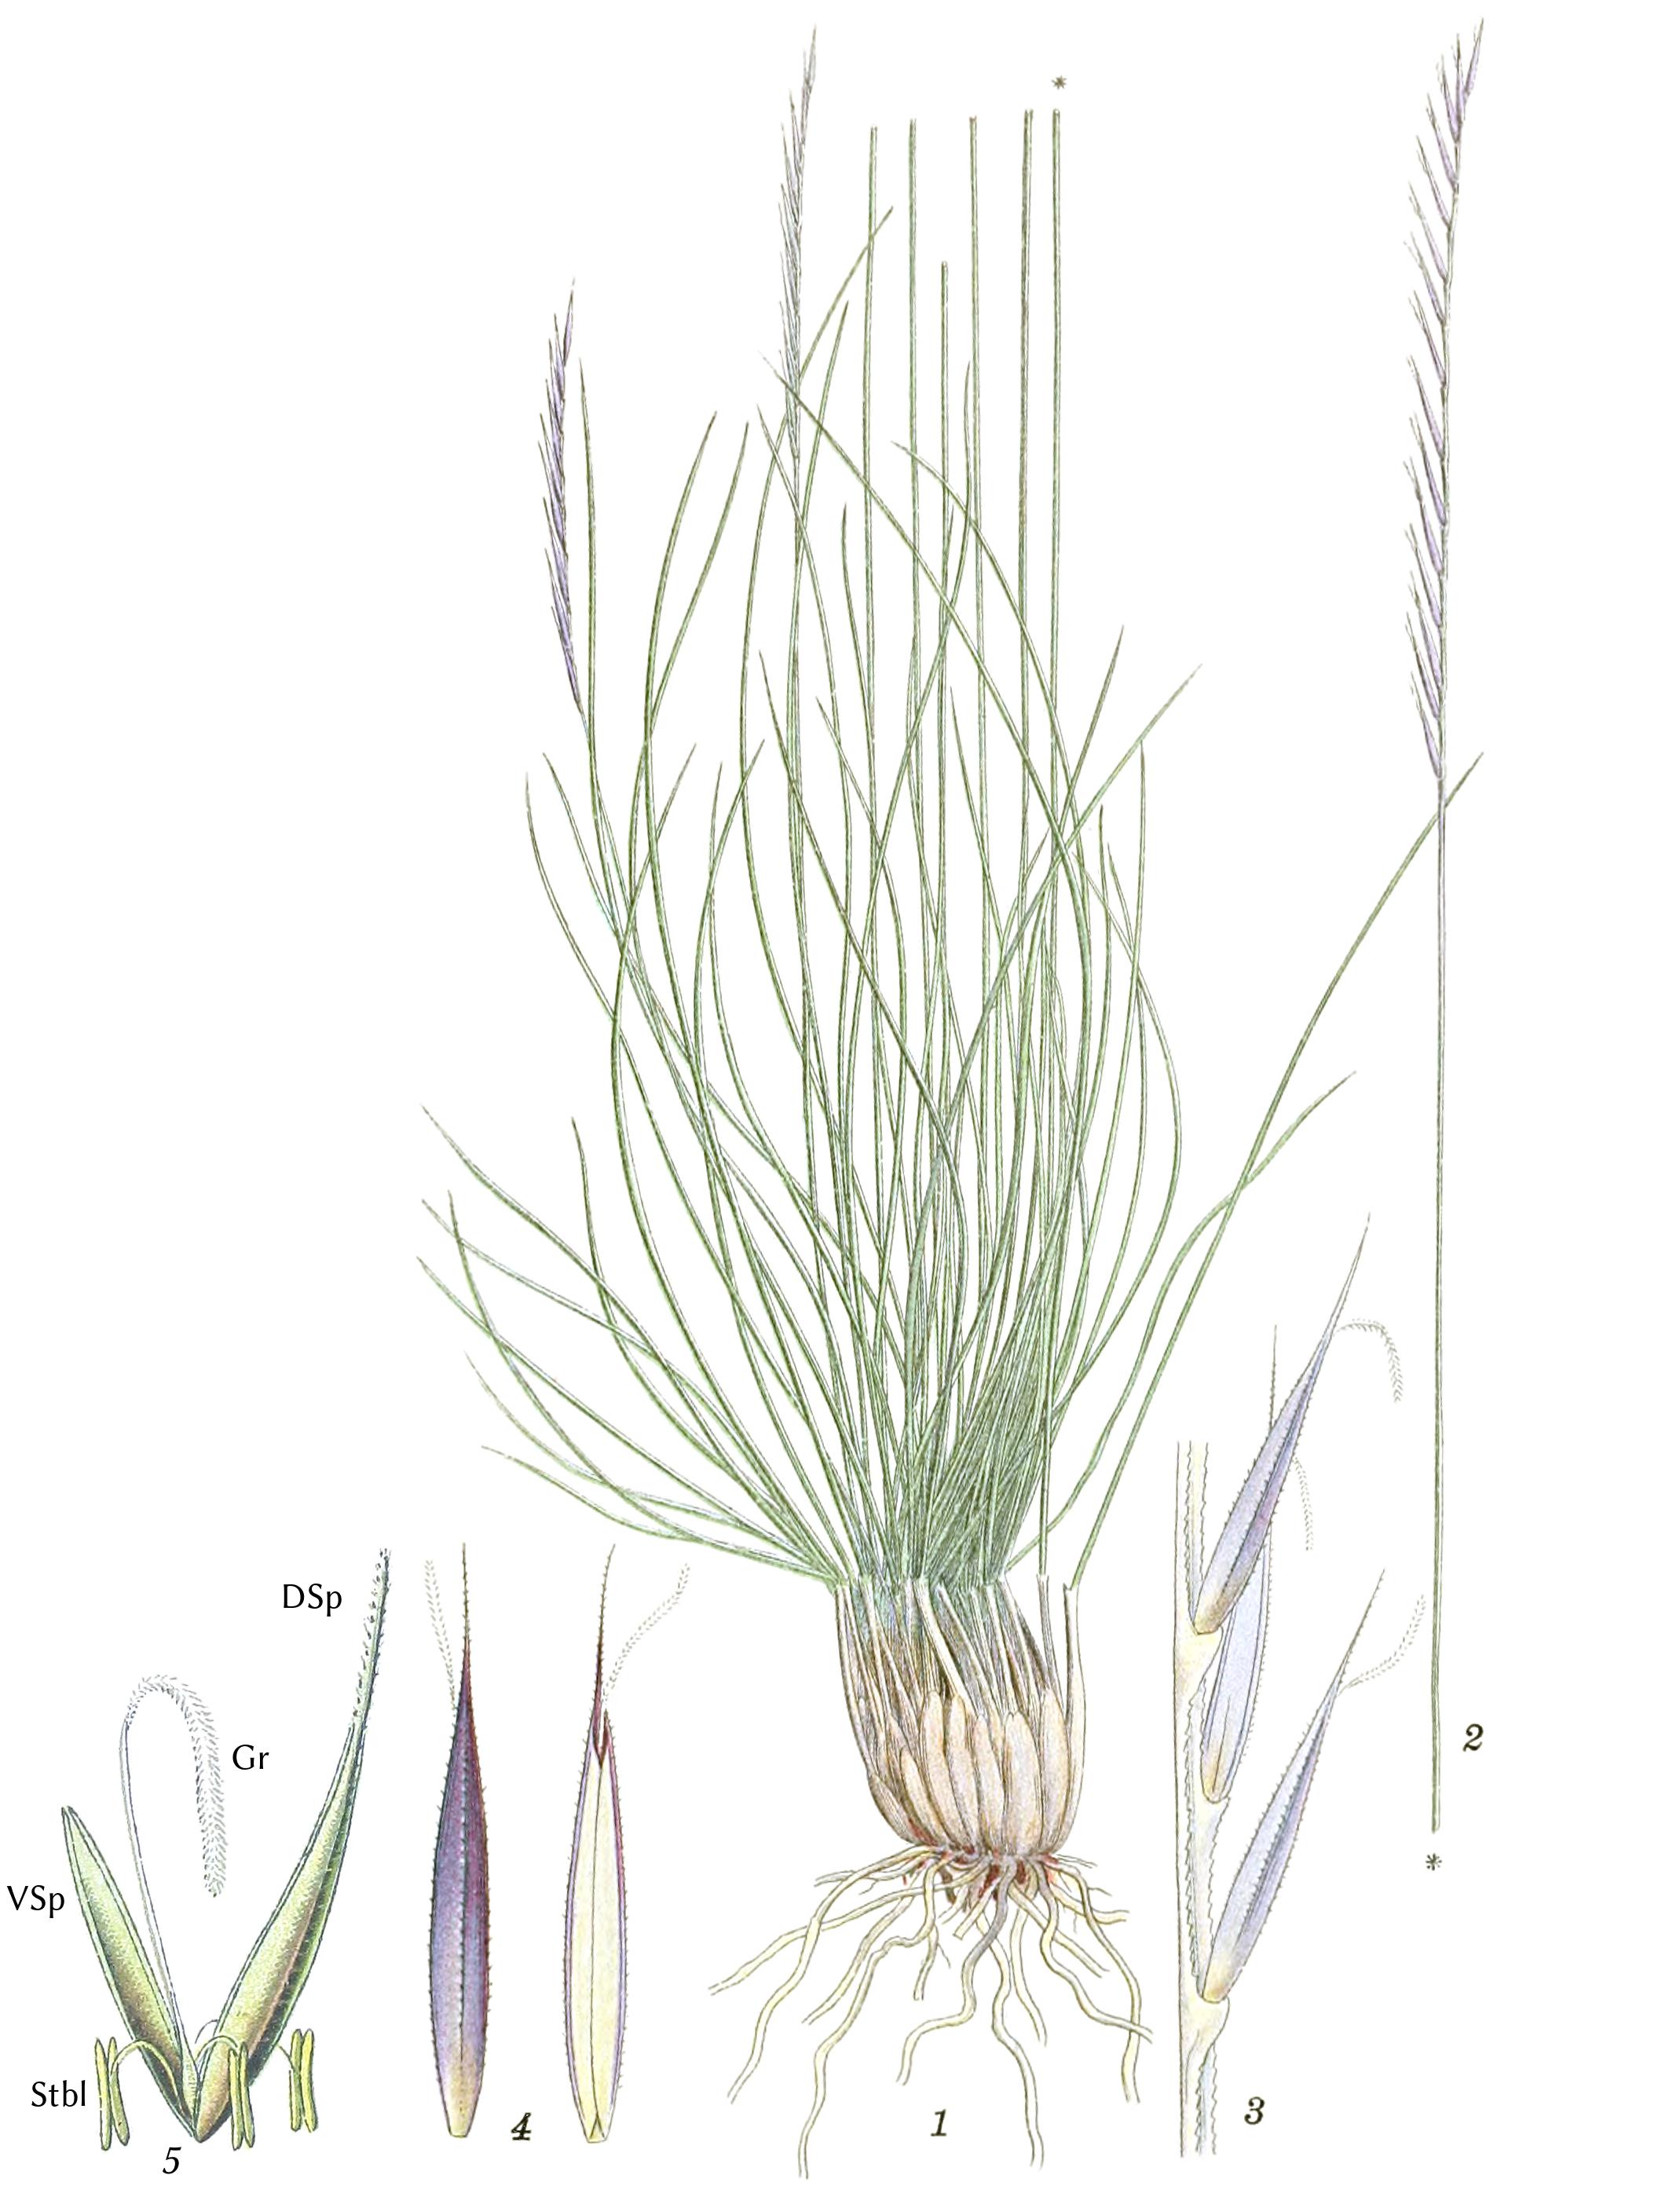 1Einzelpflanze mit angeschnittenem Halm. 2Ähre. 3ein Abschnitt derselben (5/1). 4Ährchen, von zwei gegenüberliegenden Seiten gesehen (6/1). 5Ährchen: DSp–Deckspelze, VSp– Vorspelze, Stbl– Stäubblätter, Gr– Griffel—Abbildungen 1–4 aus  Mentz & Ostenfeld (1917); 5: Thomé & Müller (1886); Borstgras, Gemeines Borstgras and Borstengras